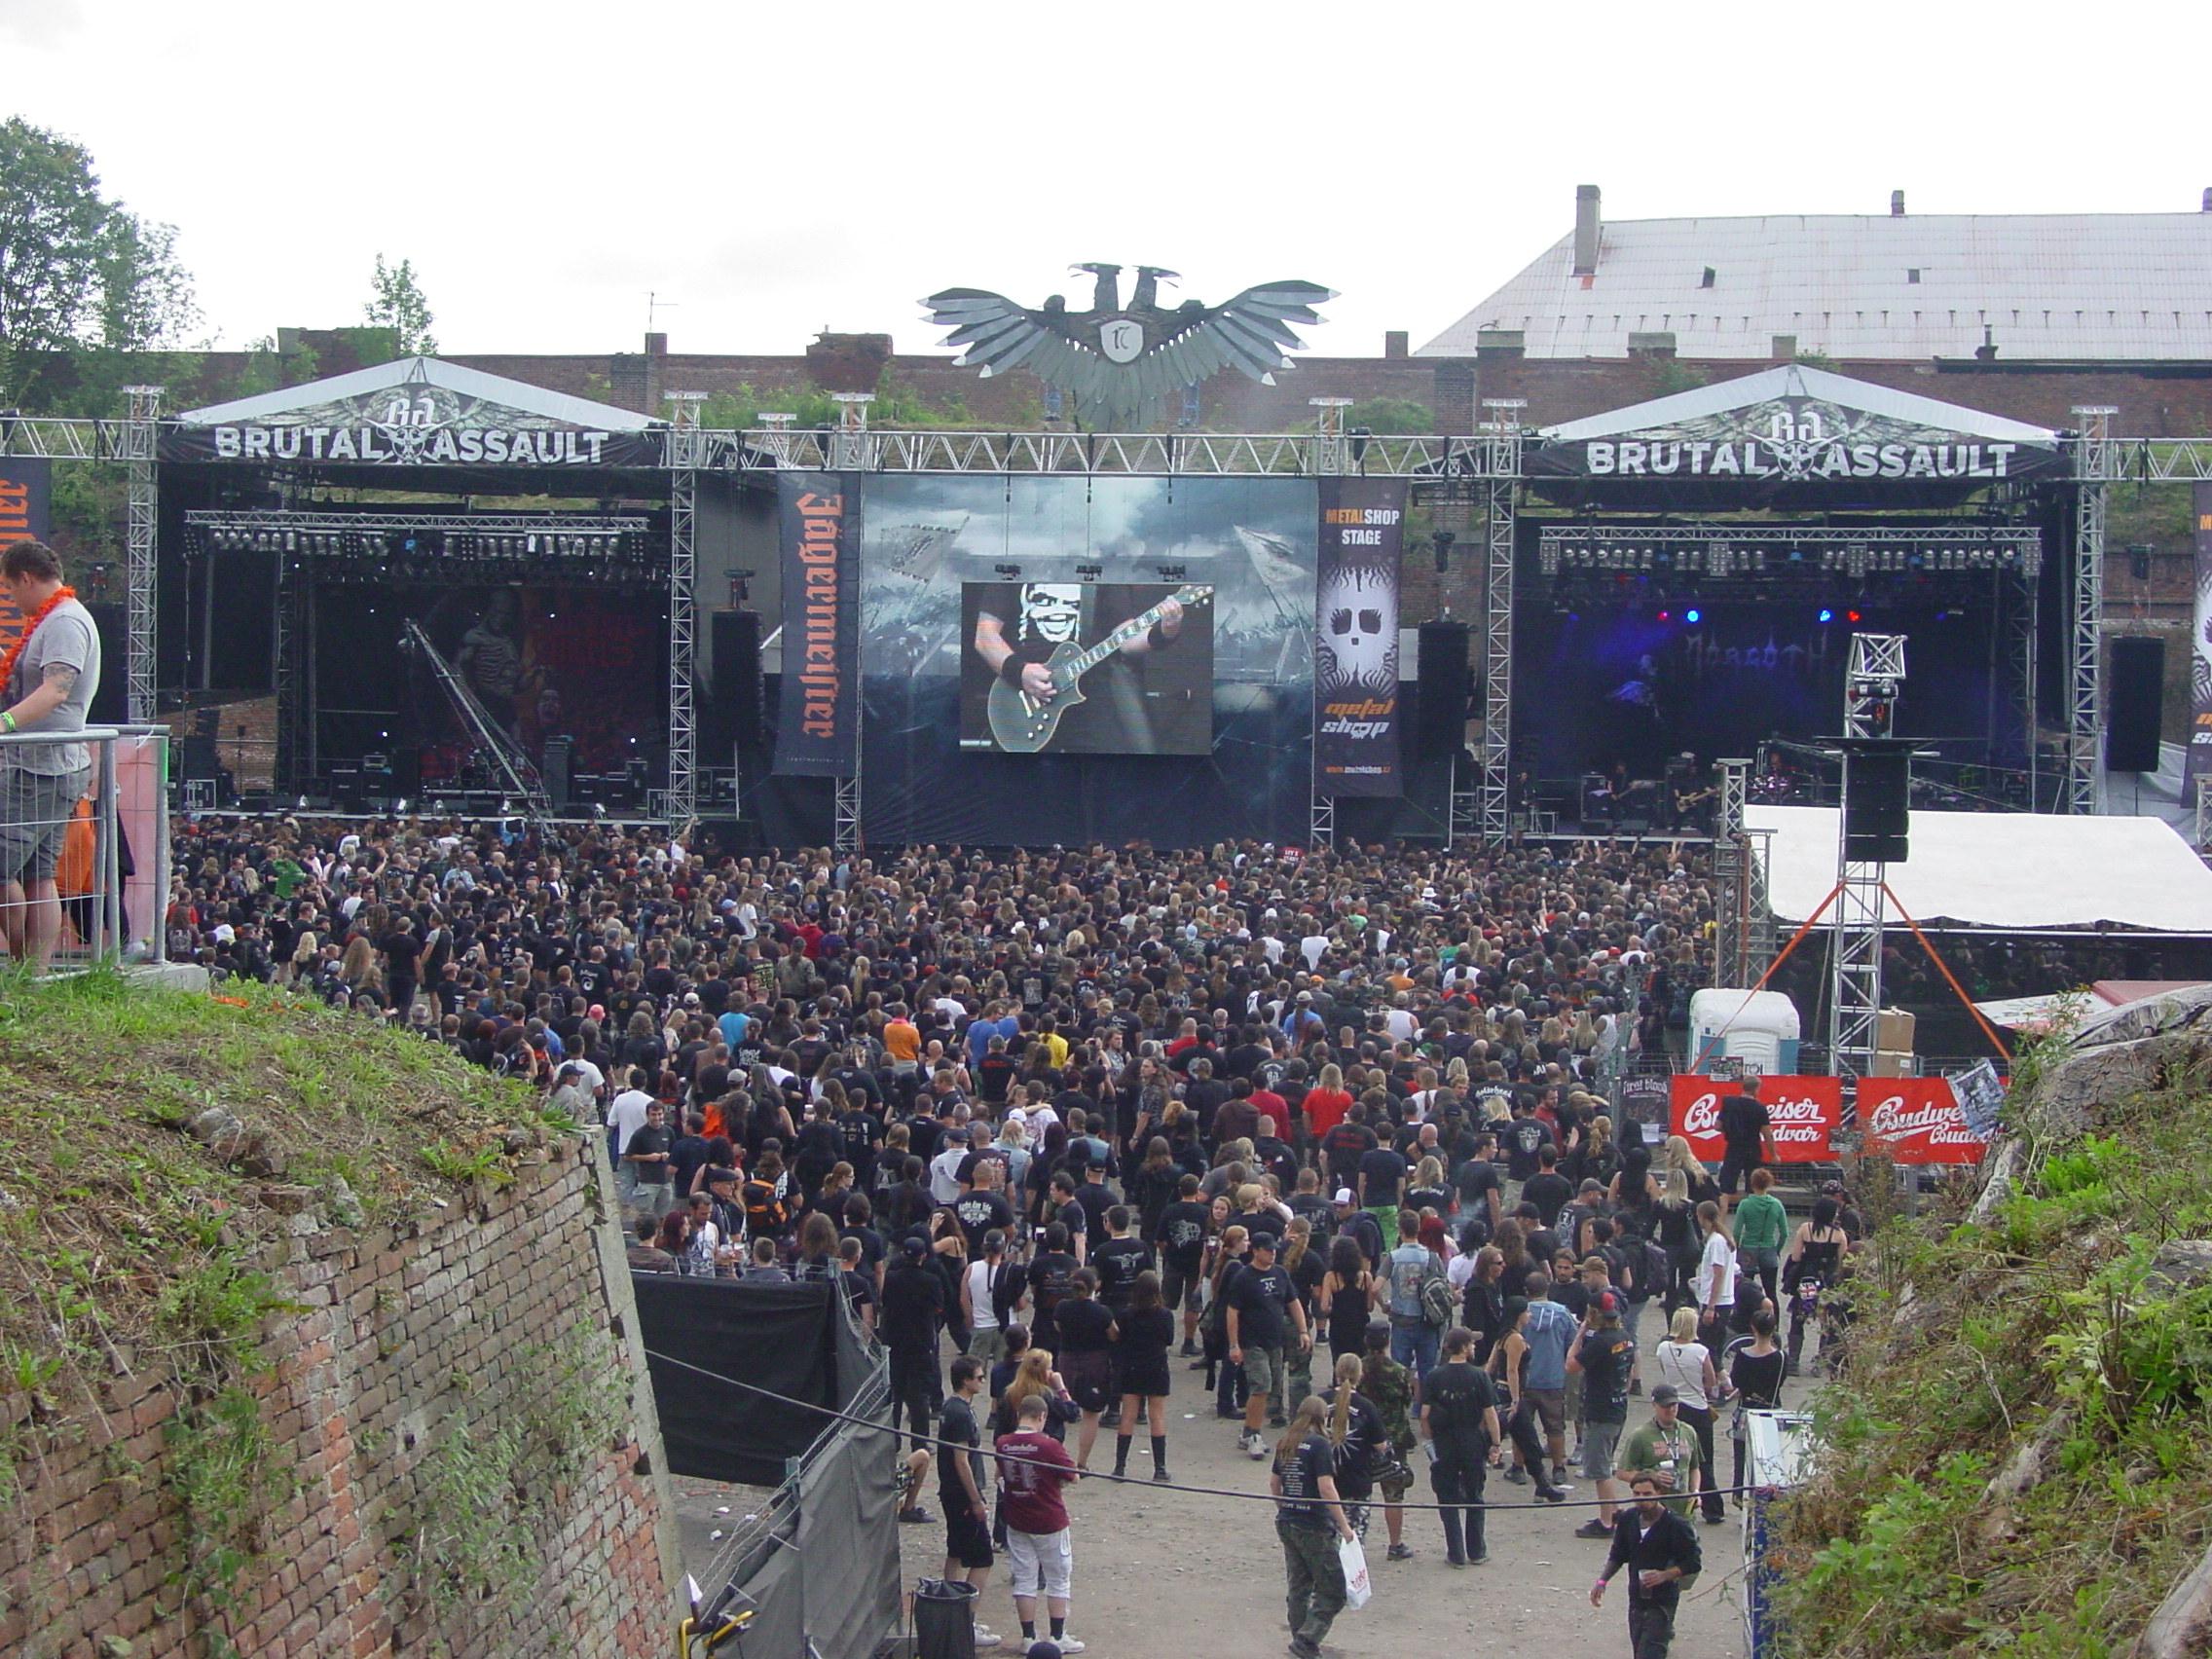 Brutal Assault 2012 main stages